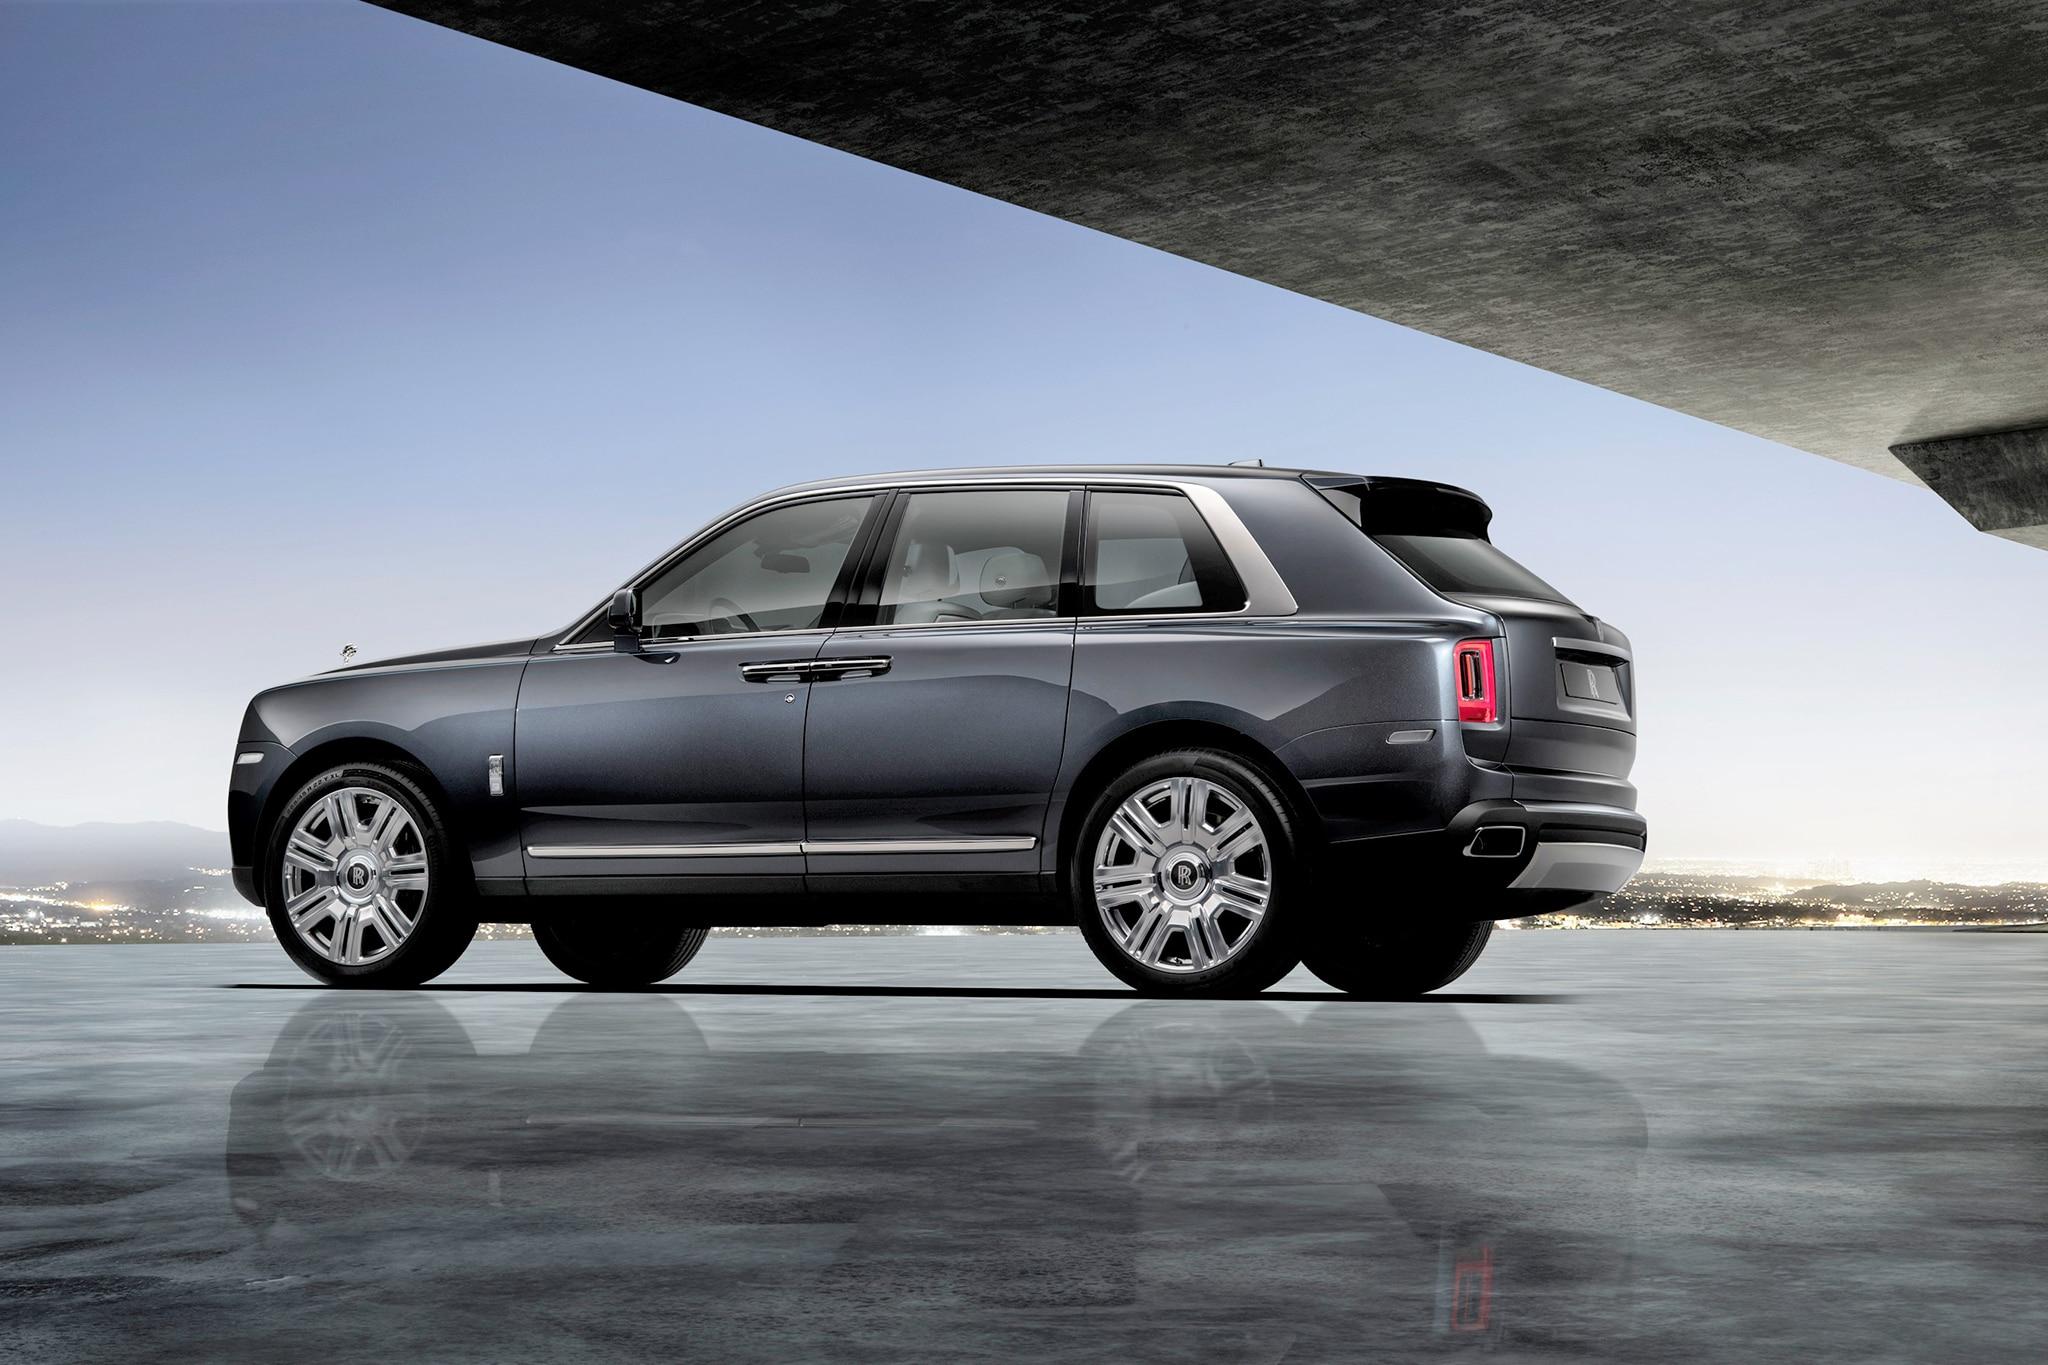 By Design: 2019 Rolls-Royce Cullinan